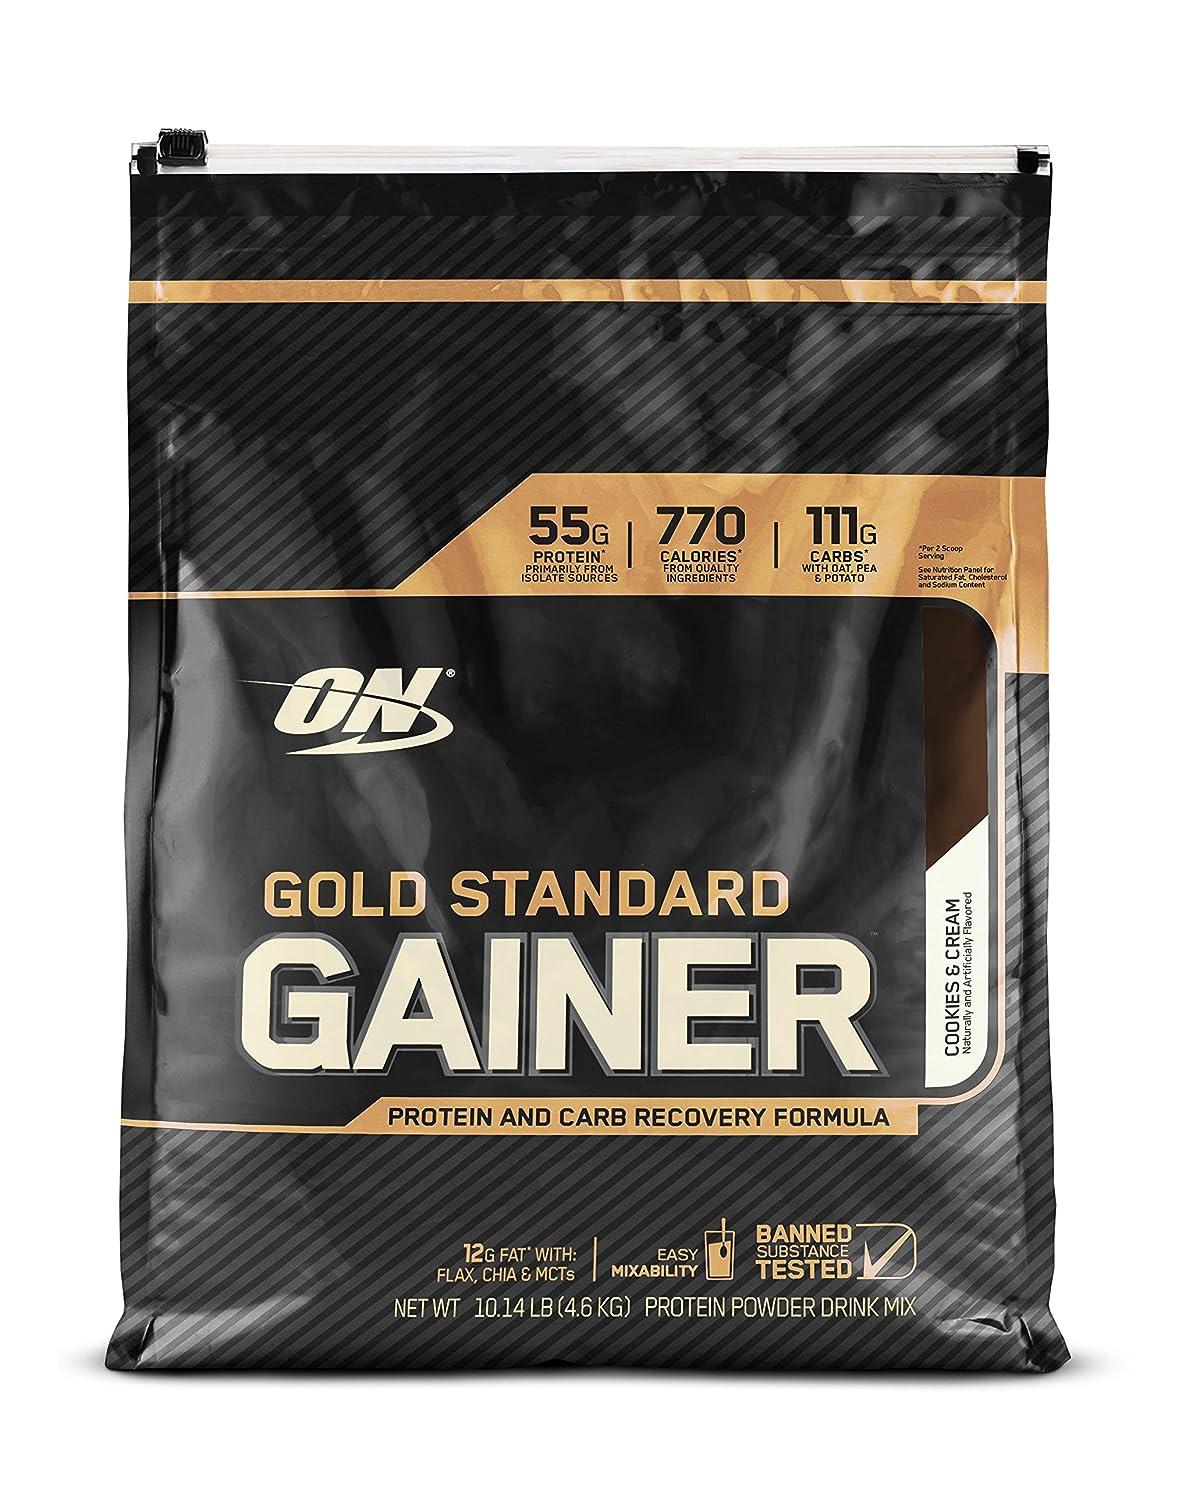 追い払うホバー殺人ゴールドスタンダード ゲイナー 10LB クッキークリーム (Gold Standard Gainer 10LB Cookies & Cream) [海外直送品]